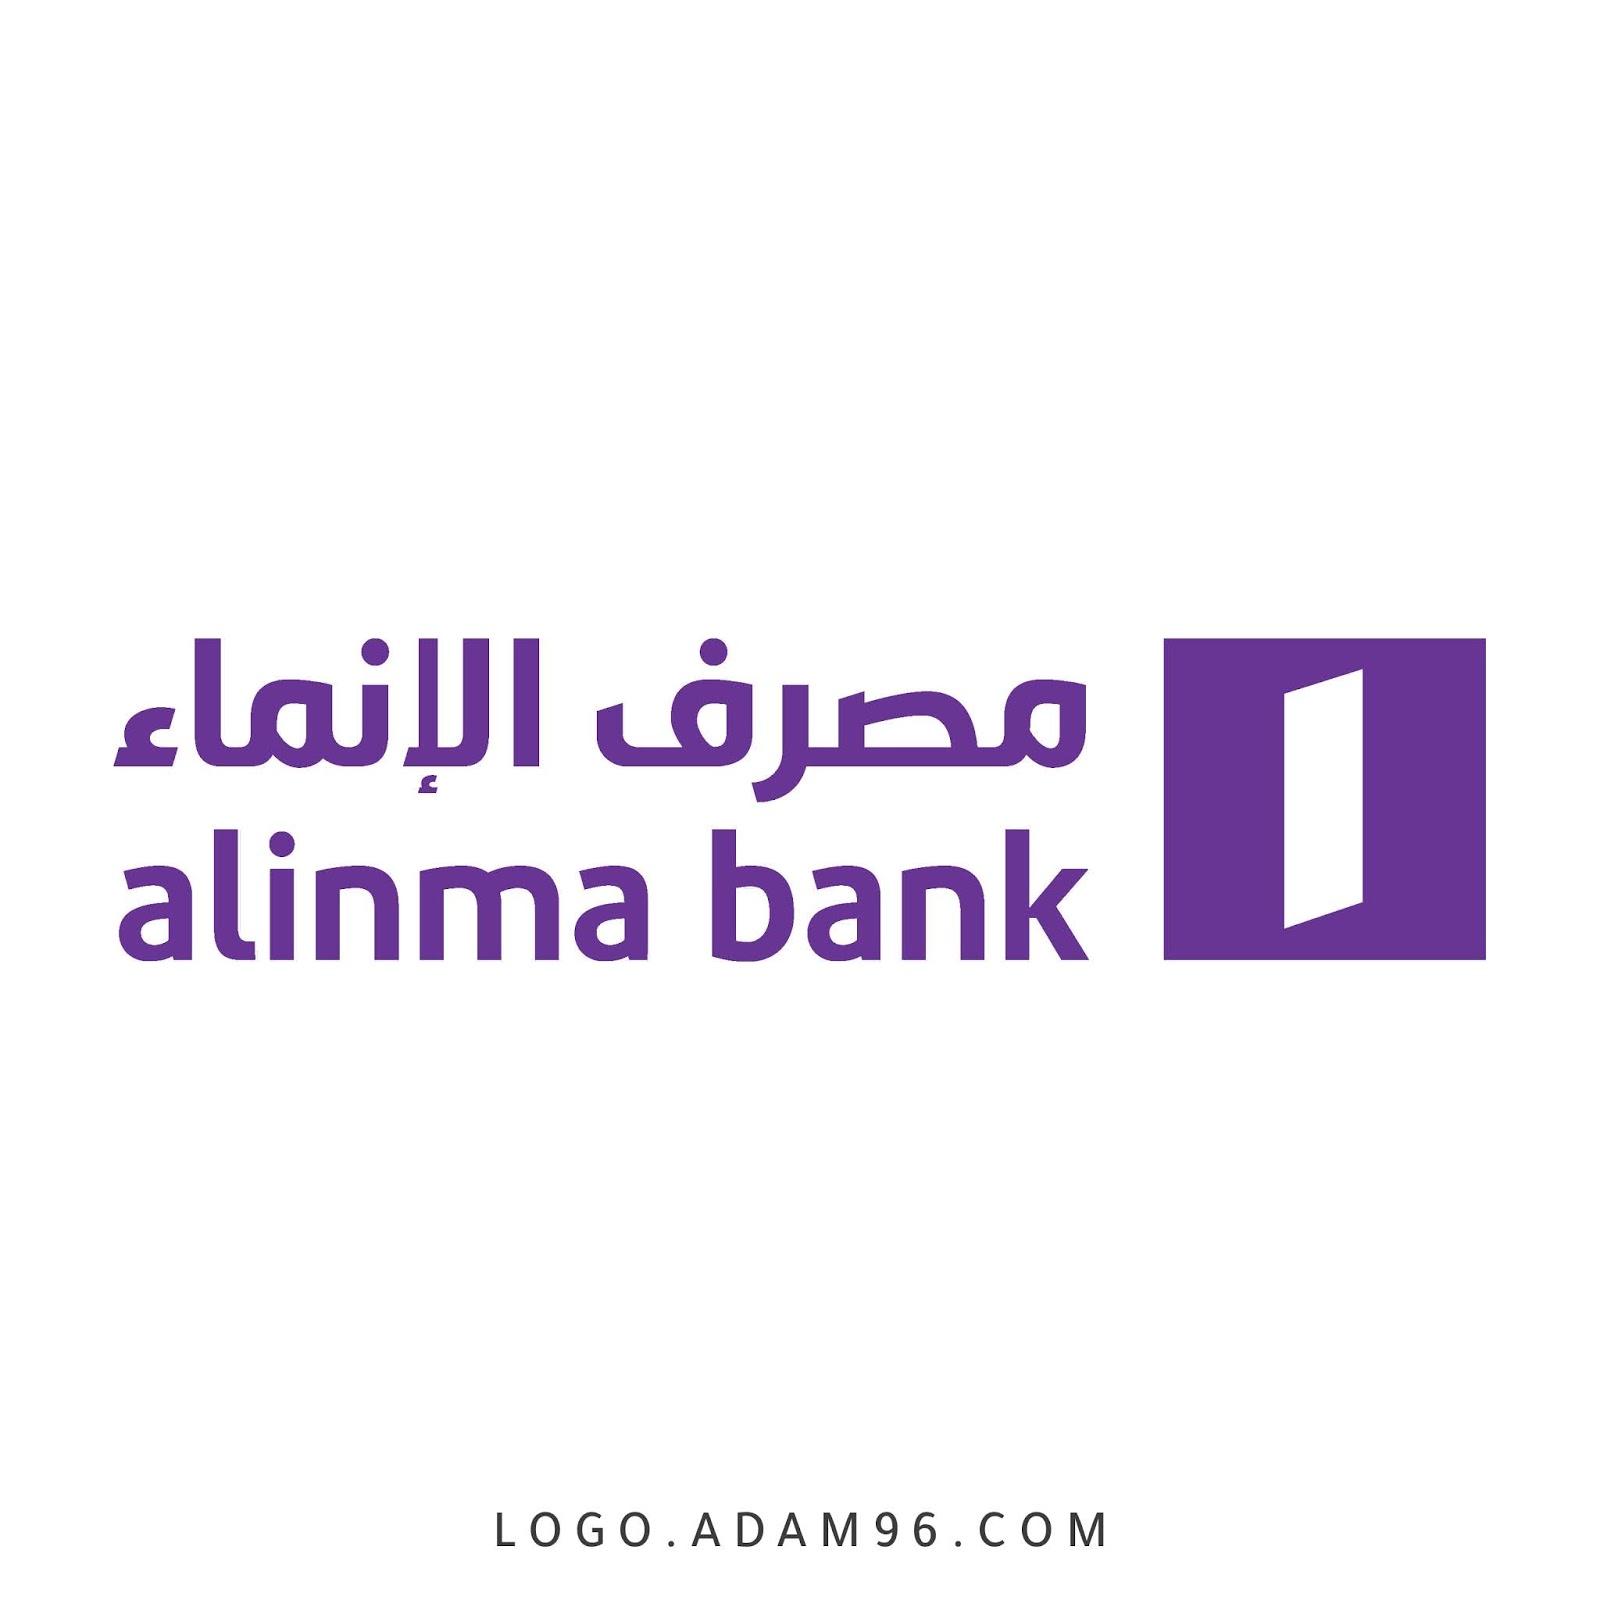 تحميل شعار مصرف الانماء - Alinma Bank logo